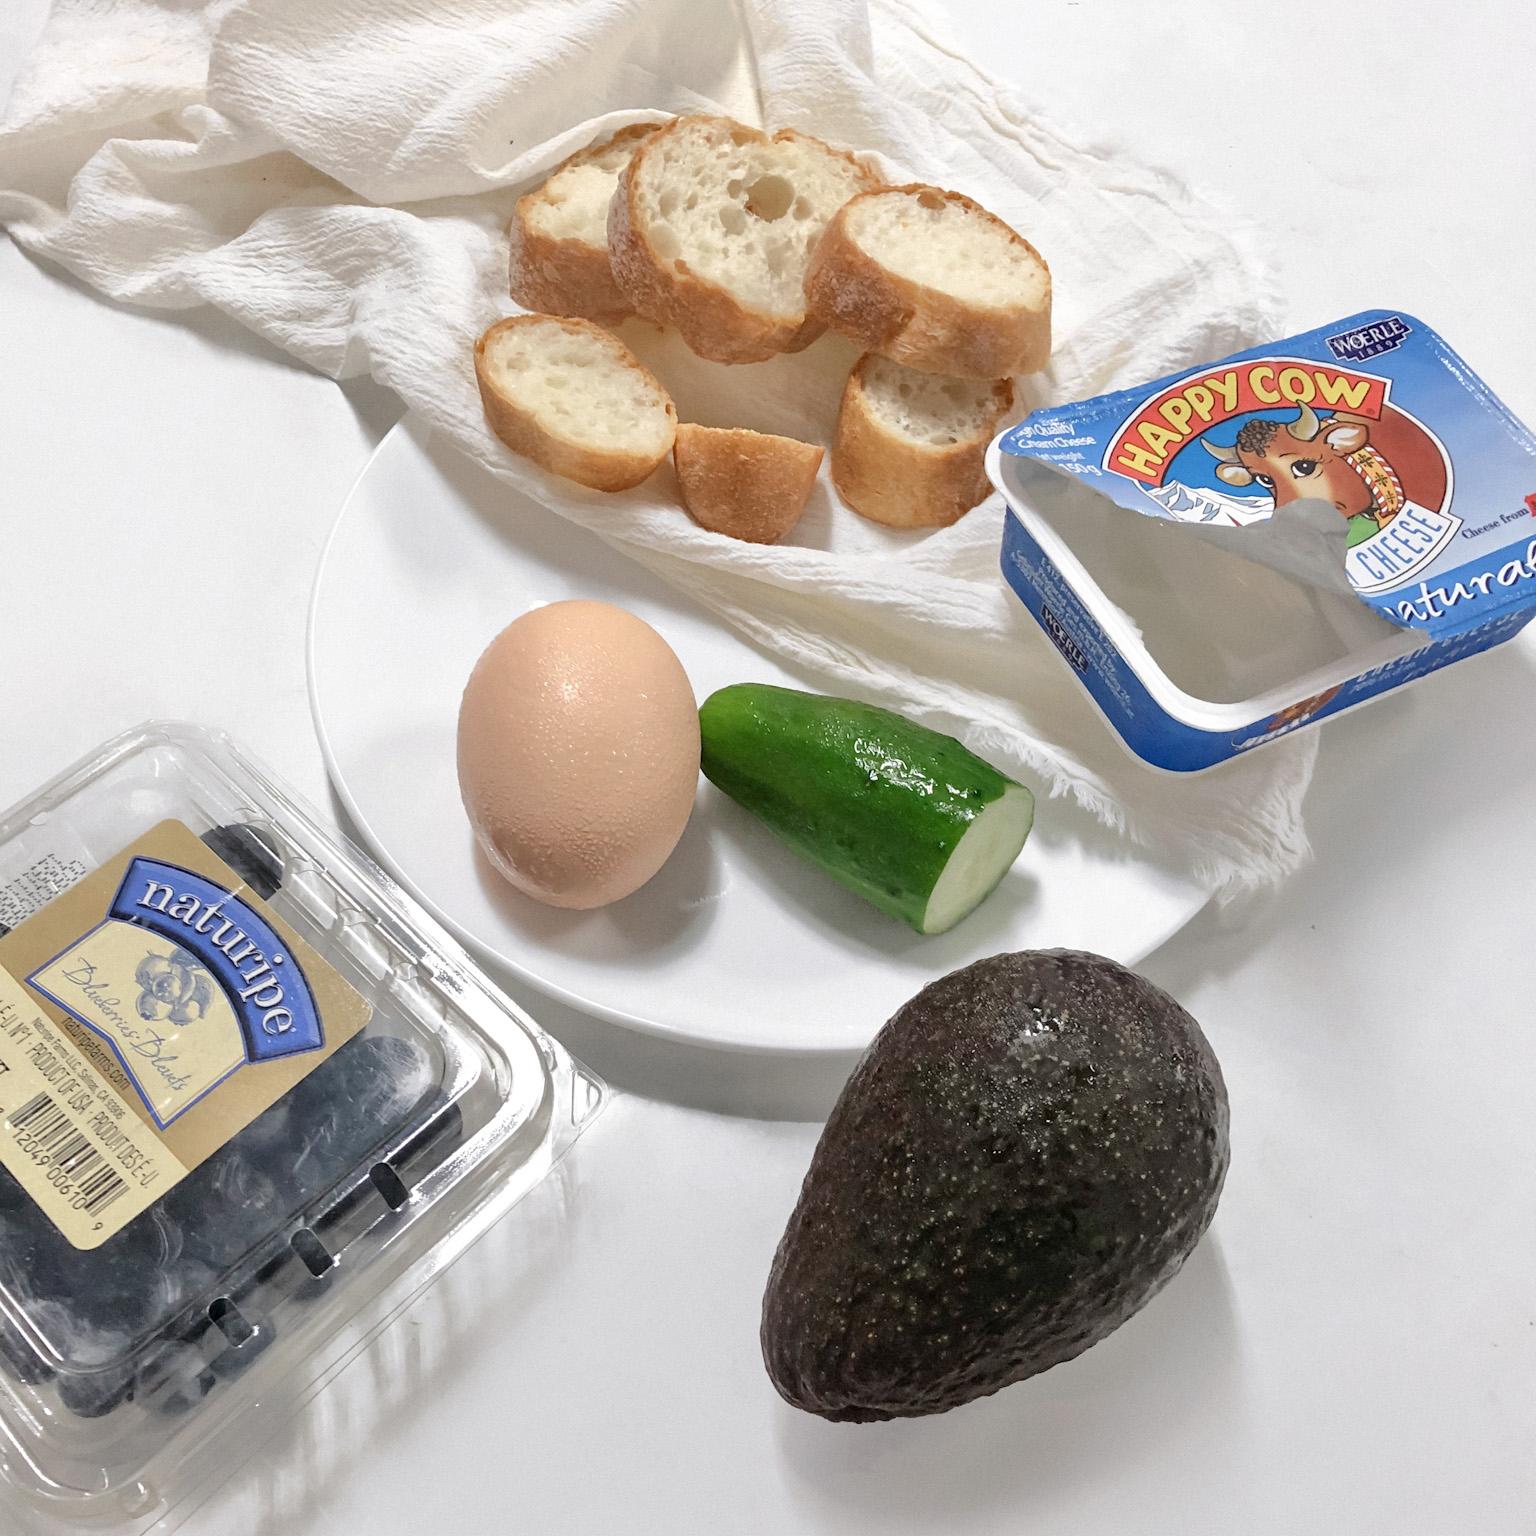 照片中的蛋本來要做水波蛋,但是最後失敗了。